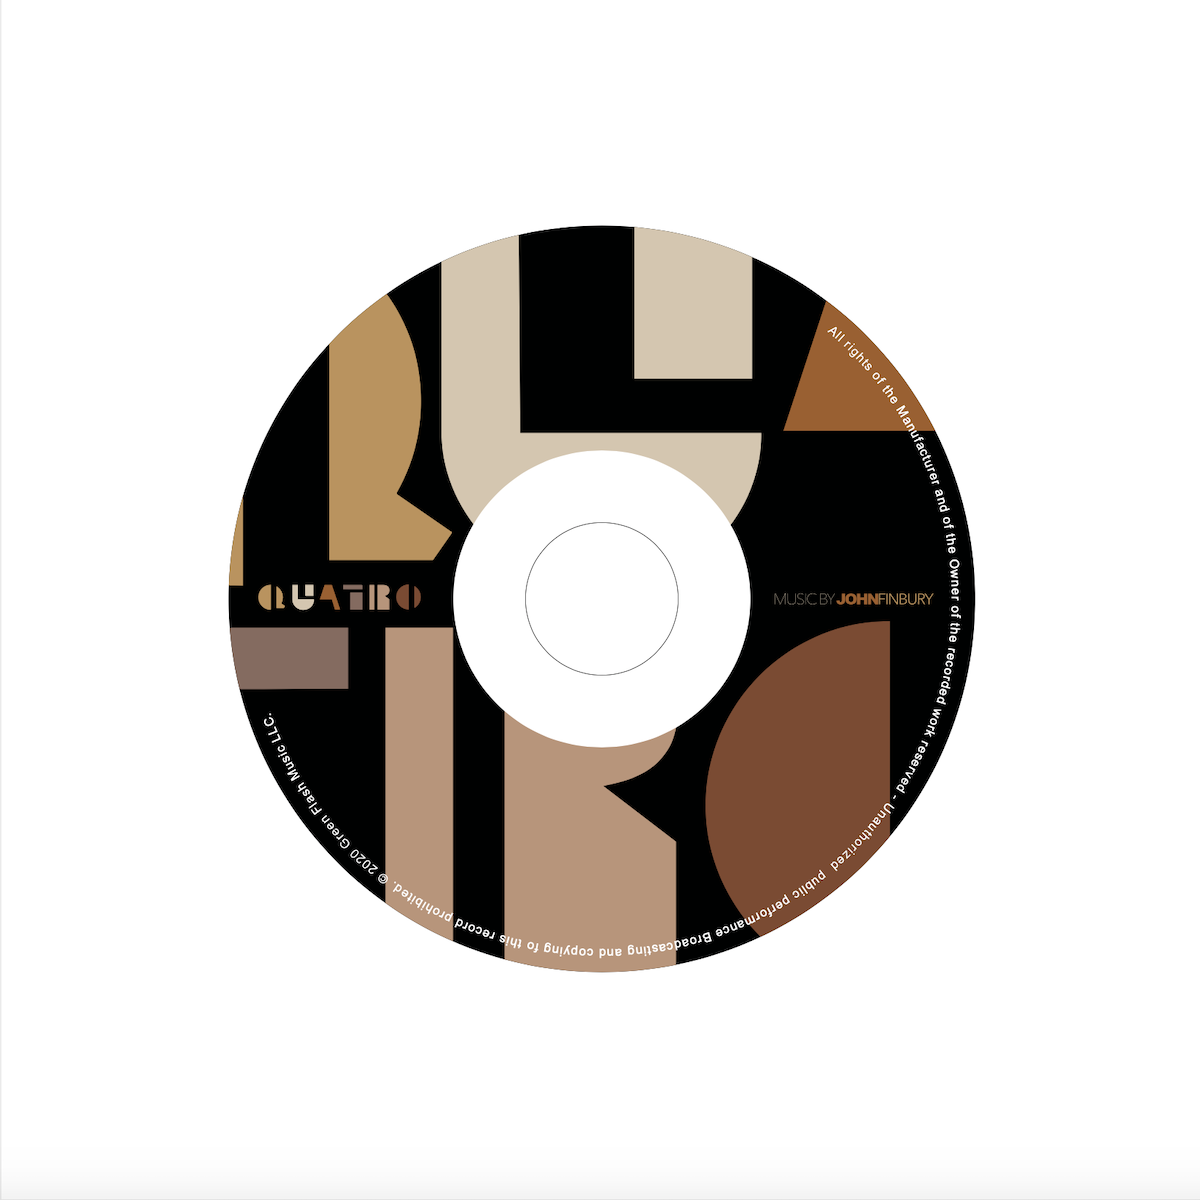 Quatro by John Finbury Composer Single Cover Photo